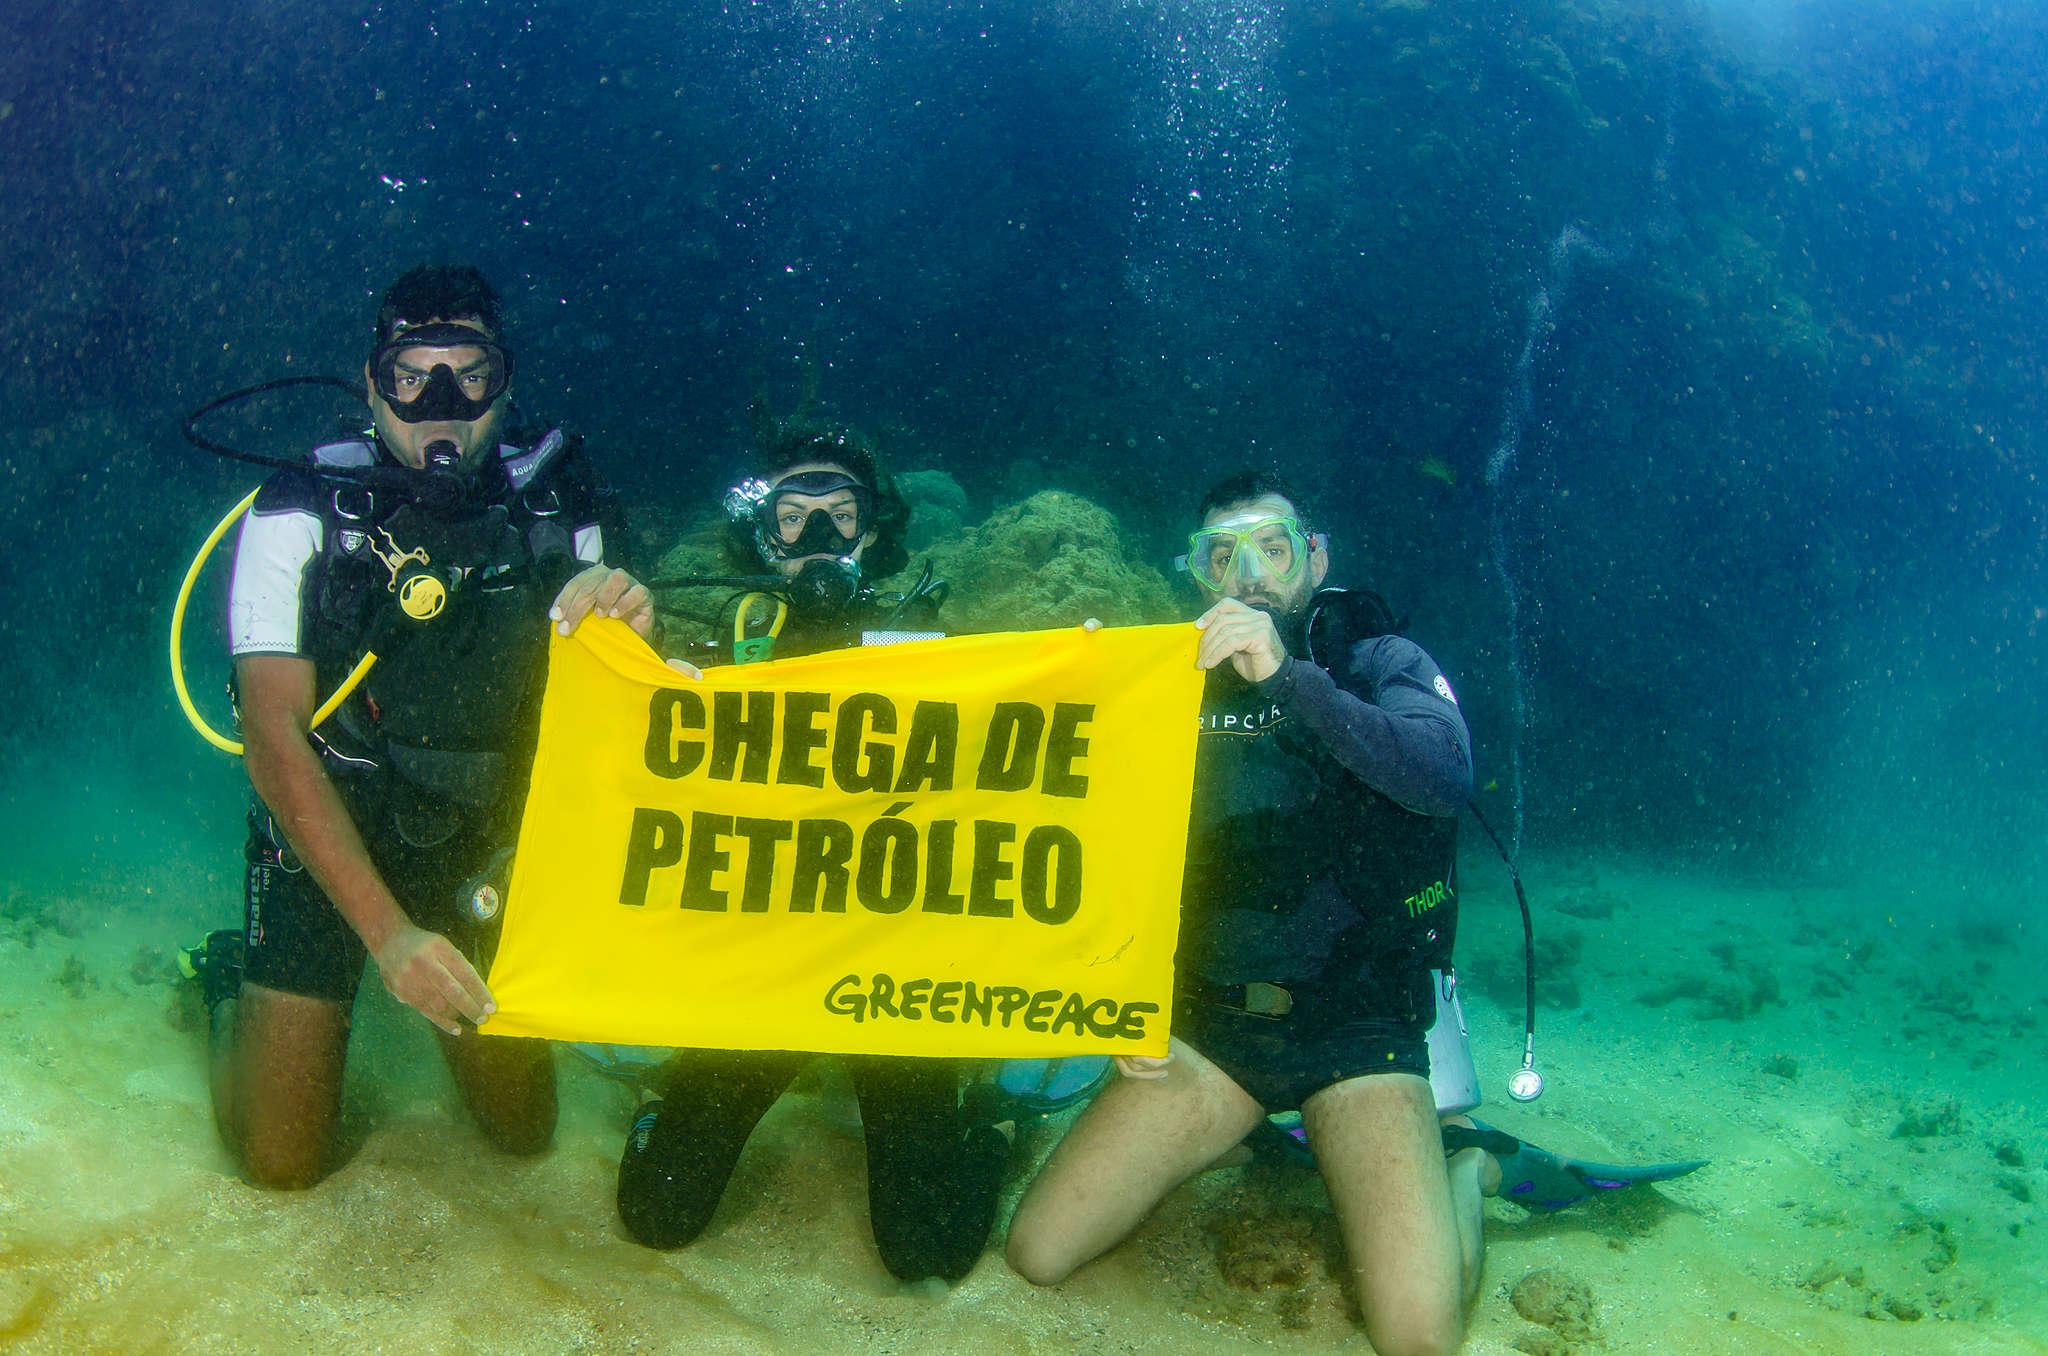 No litoral sul de Pernambuco, pesquisadores e ativistas abrem banner no fundo do mar durante expedição marítima. Chega de Petróleo. © Max Cavalcanti / Greenpeace